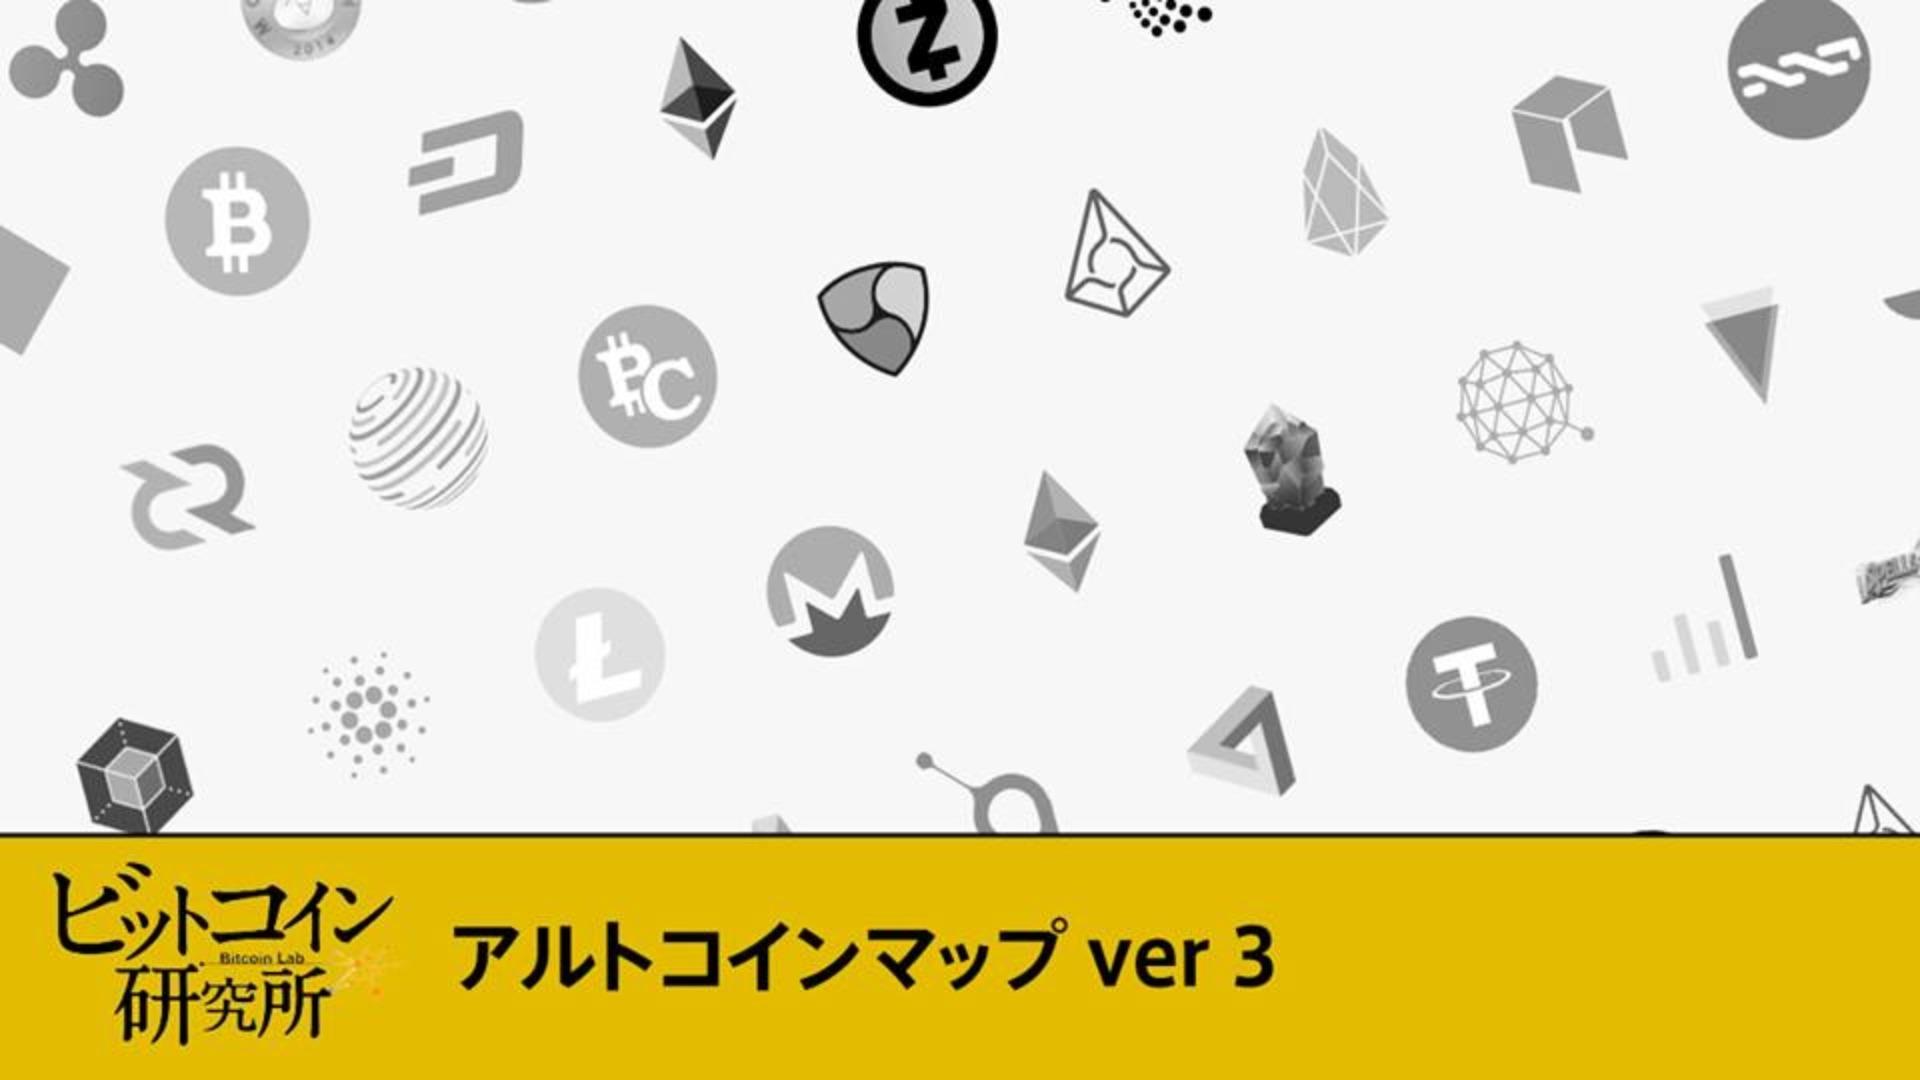 【レポート No.103】アルトコインマップ ver 3